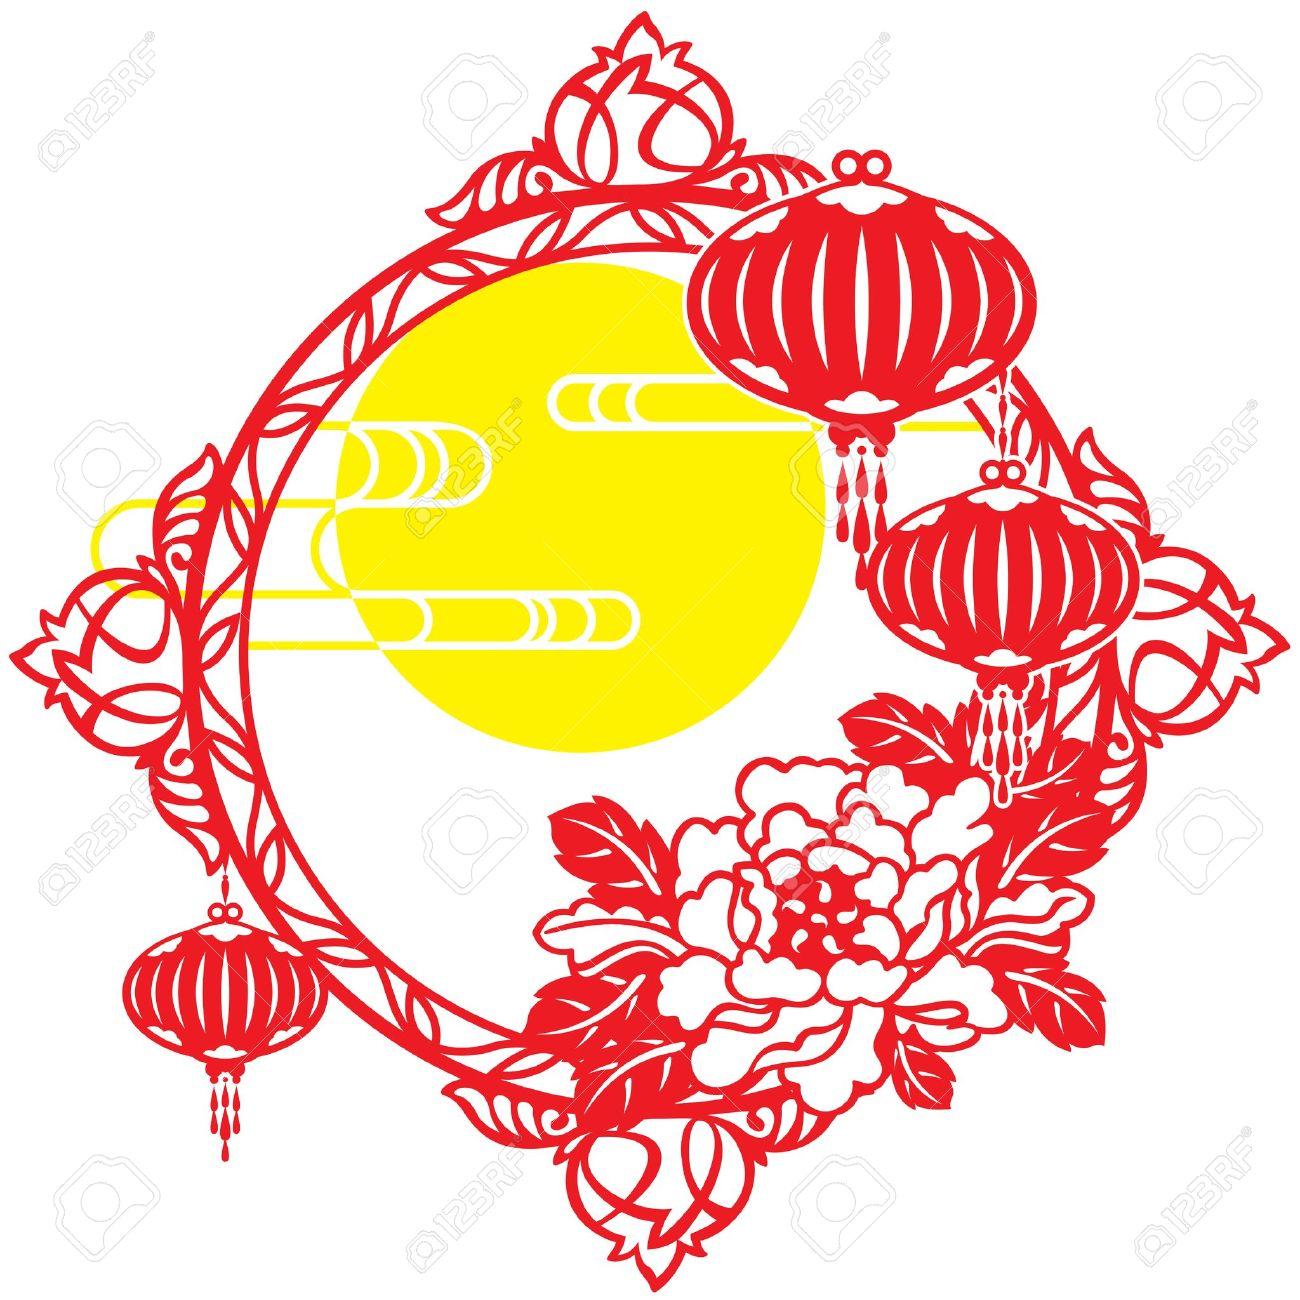 月、フレーム、雲、中国のランタン、中秋、提灯、ランタン、中国の旧